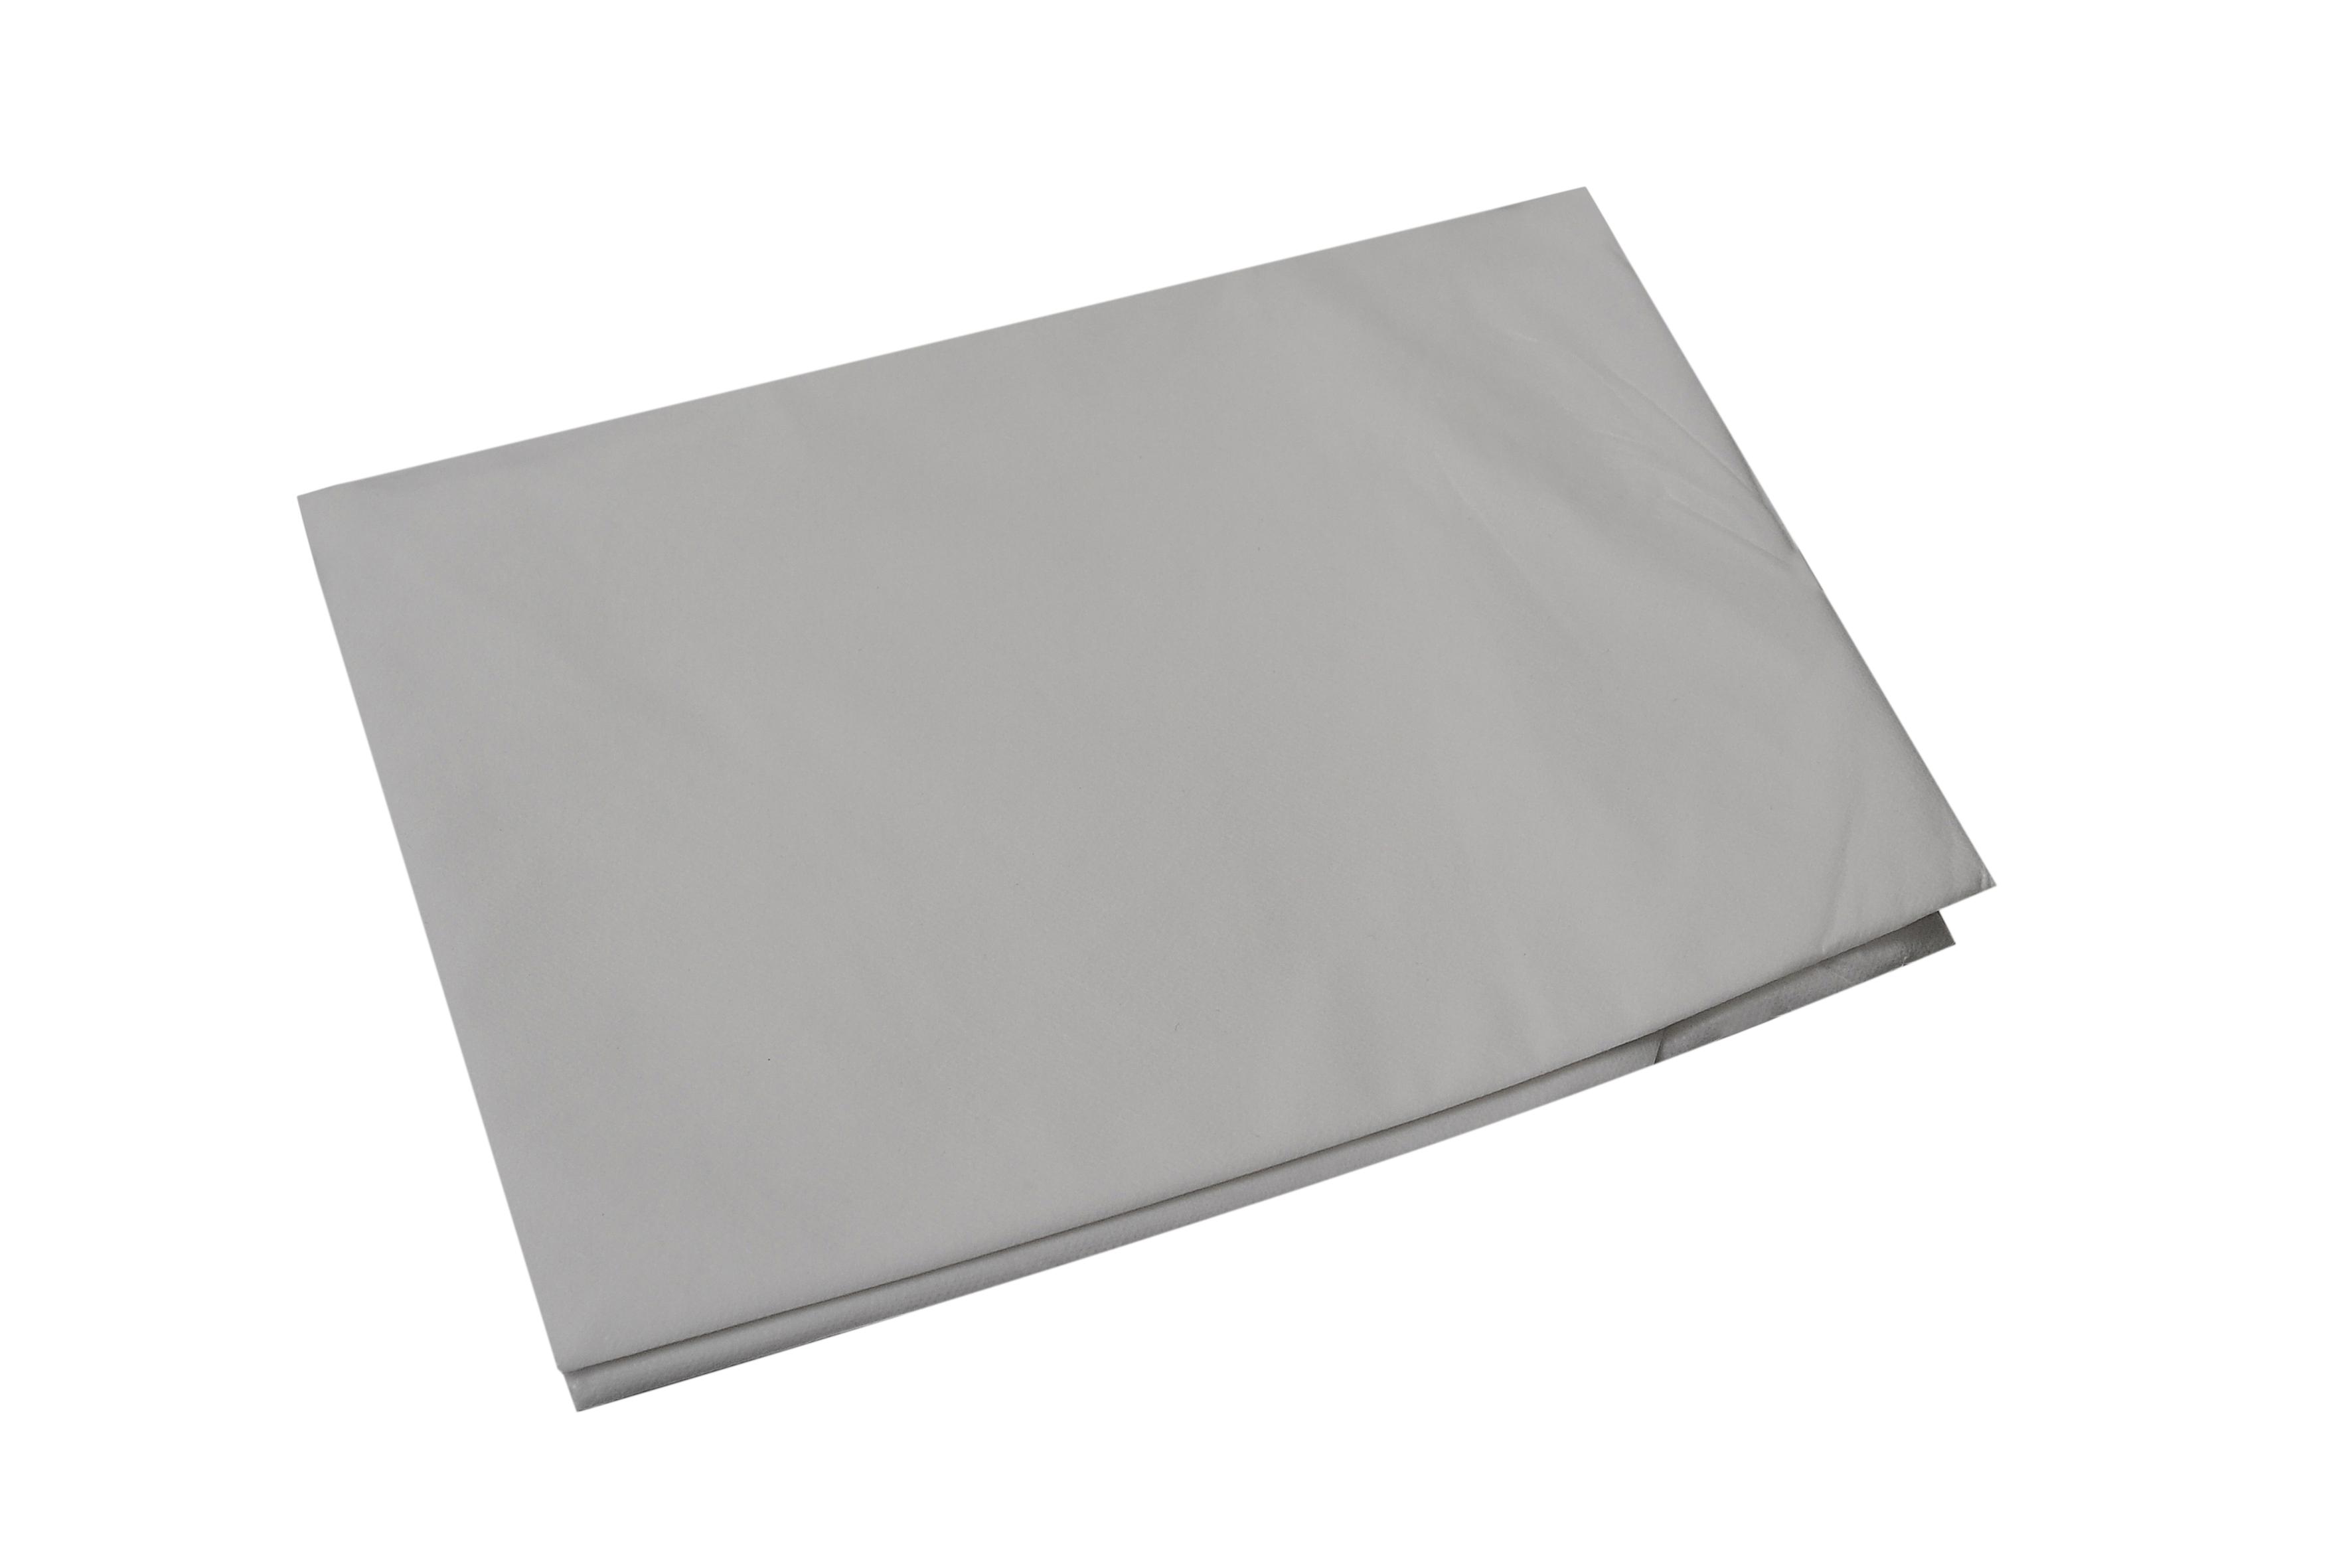 Einmallaken, weiß, 210 x 80 cm